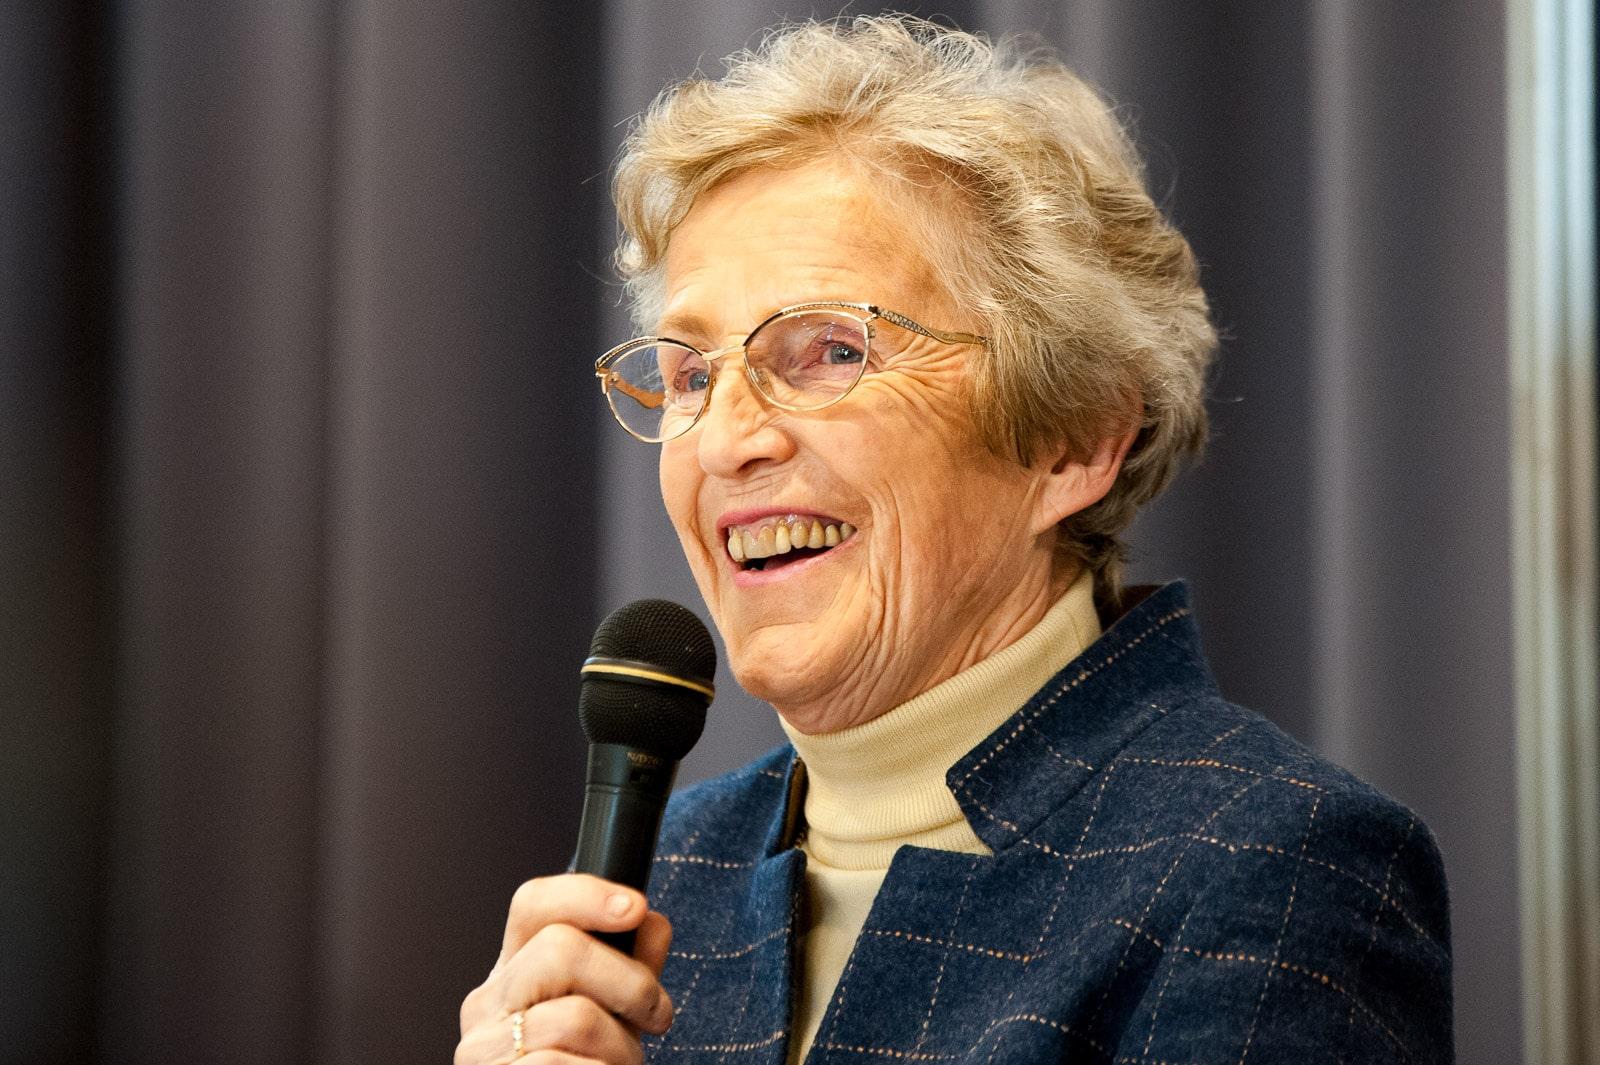 Madeleine Winter-Schulze